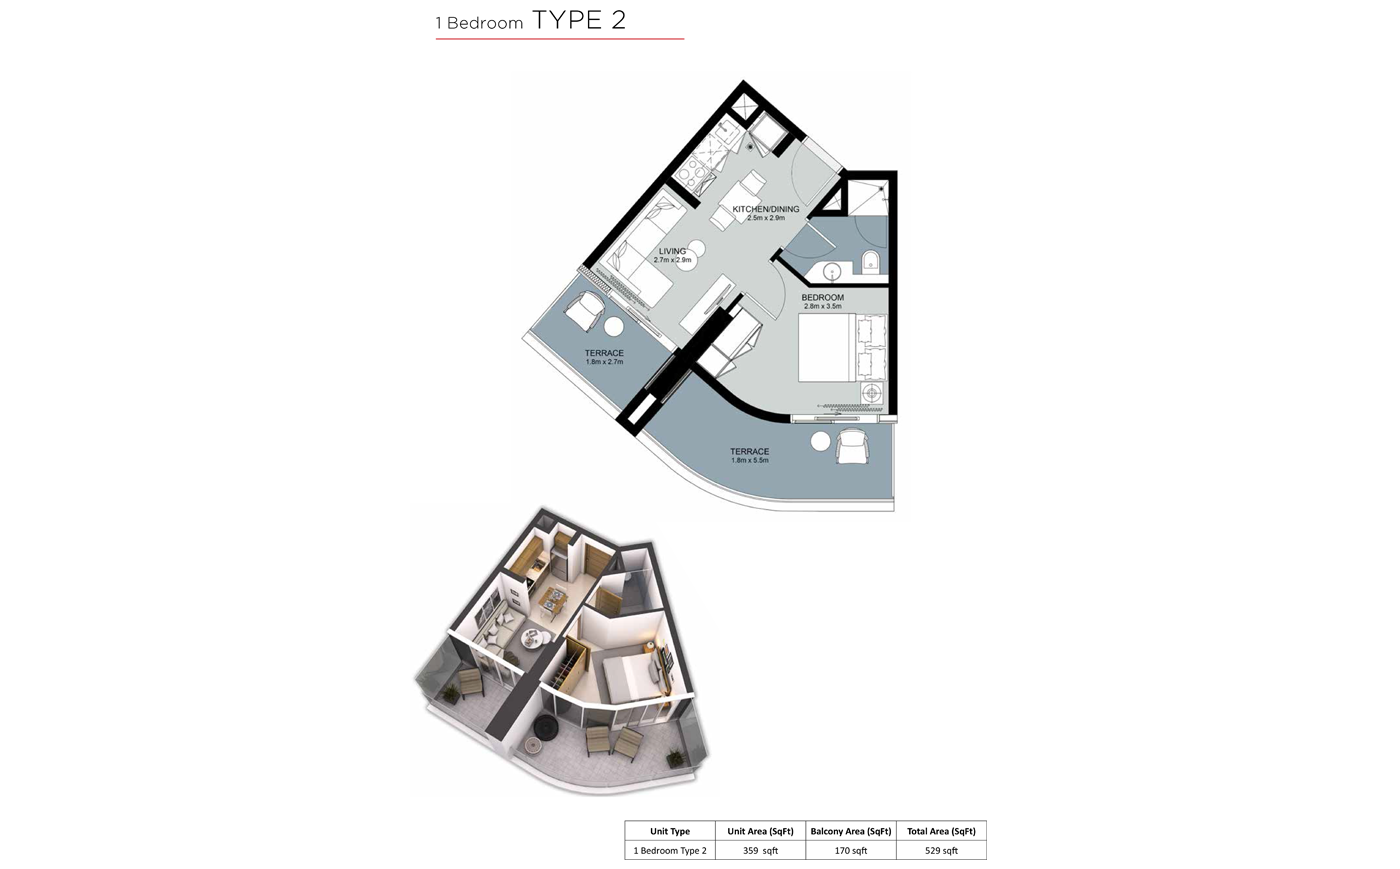 غرفة نوم  واحدة،  نوع 2 ، حجم 529 قدم مربع